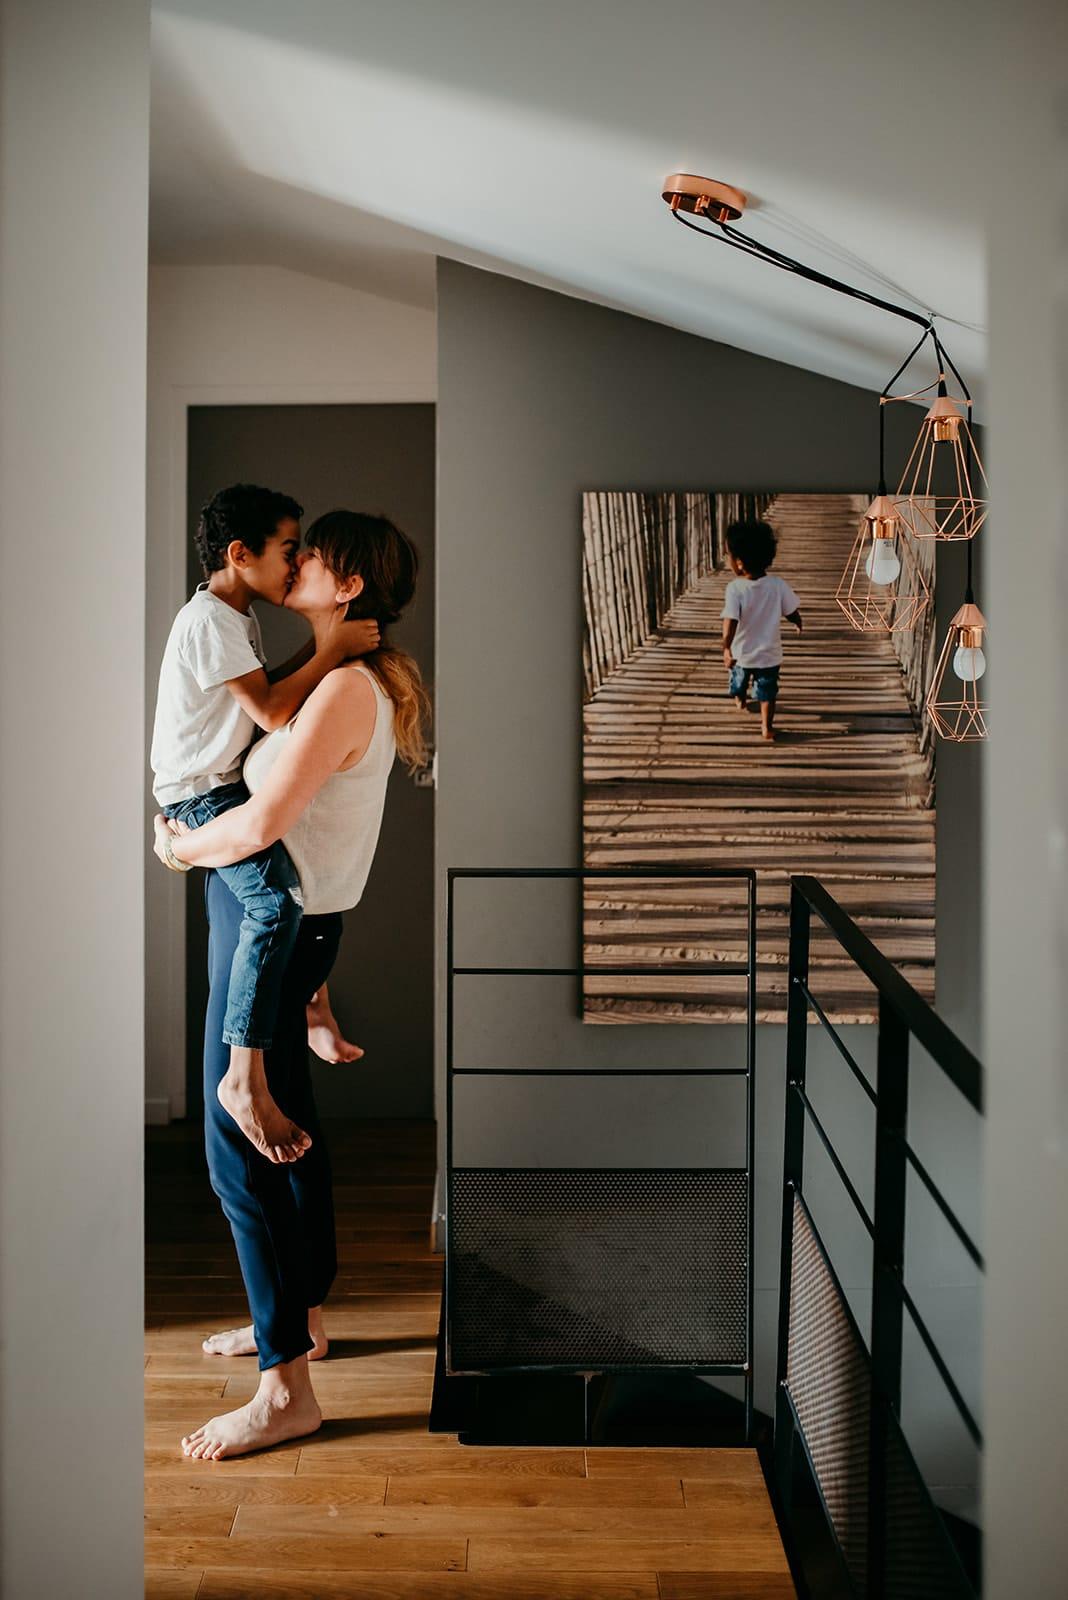 photographe naissance et famille dans les Landes - Marina Contis - photographe lifestyle landes et pays basque - photographe maternité et nouveau né en reportage - biarritz -hossegor